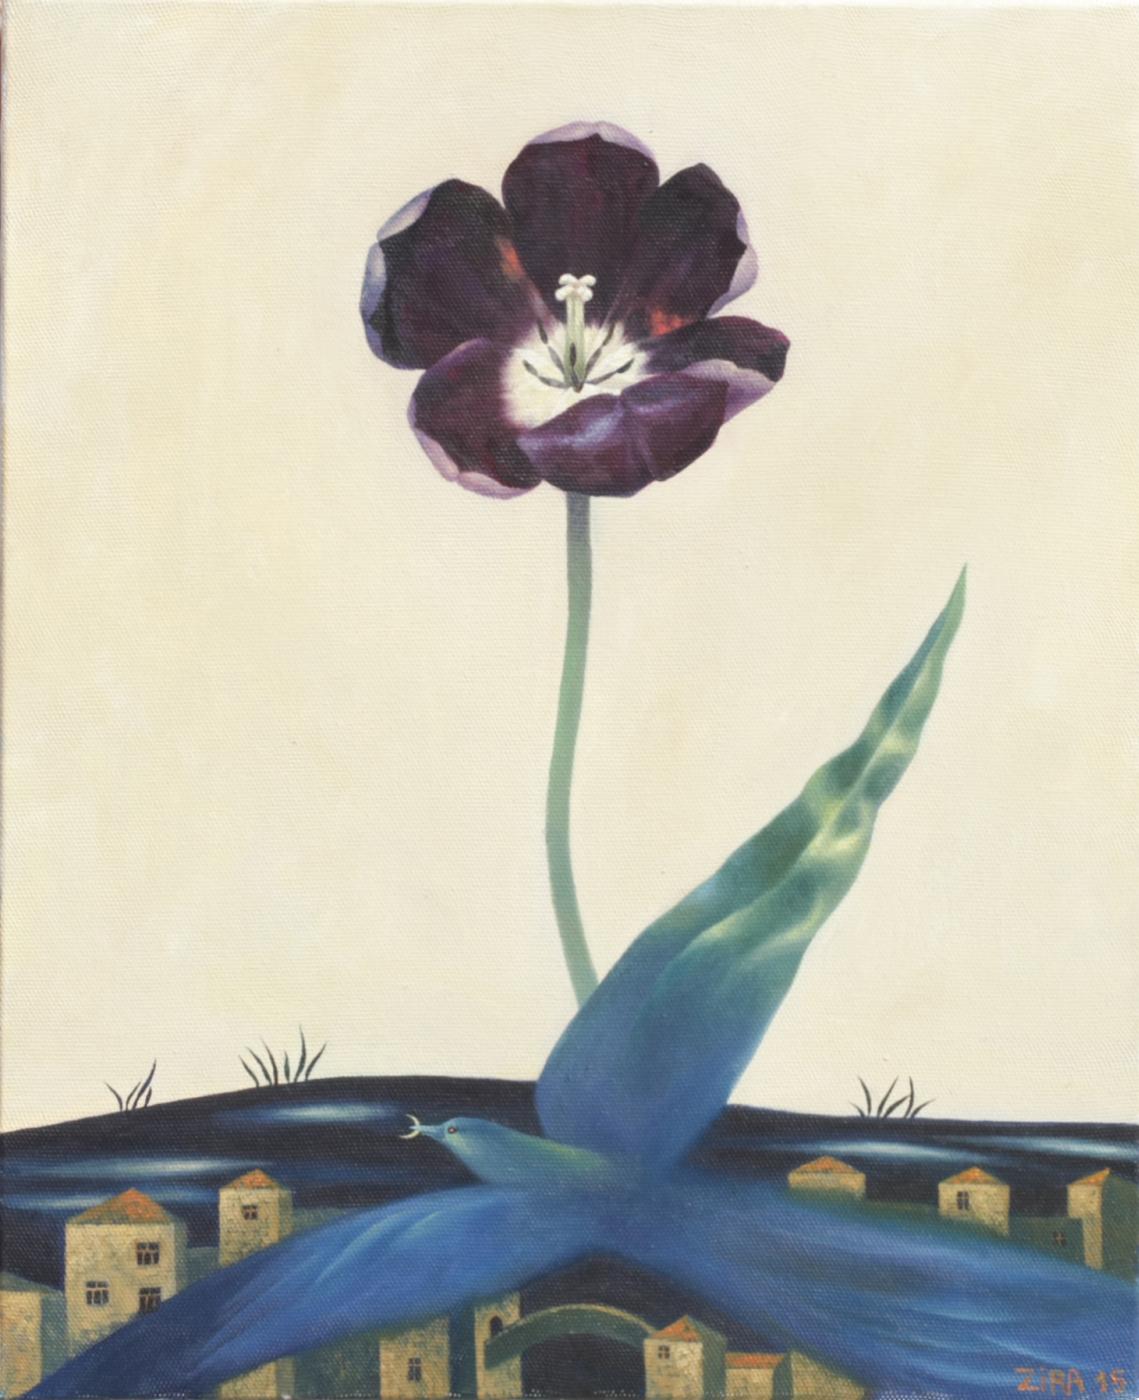 Irina Evgenievna Zaytseva. Black tulip of white day